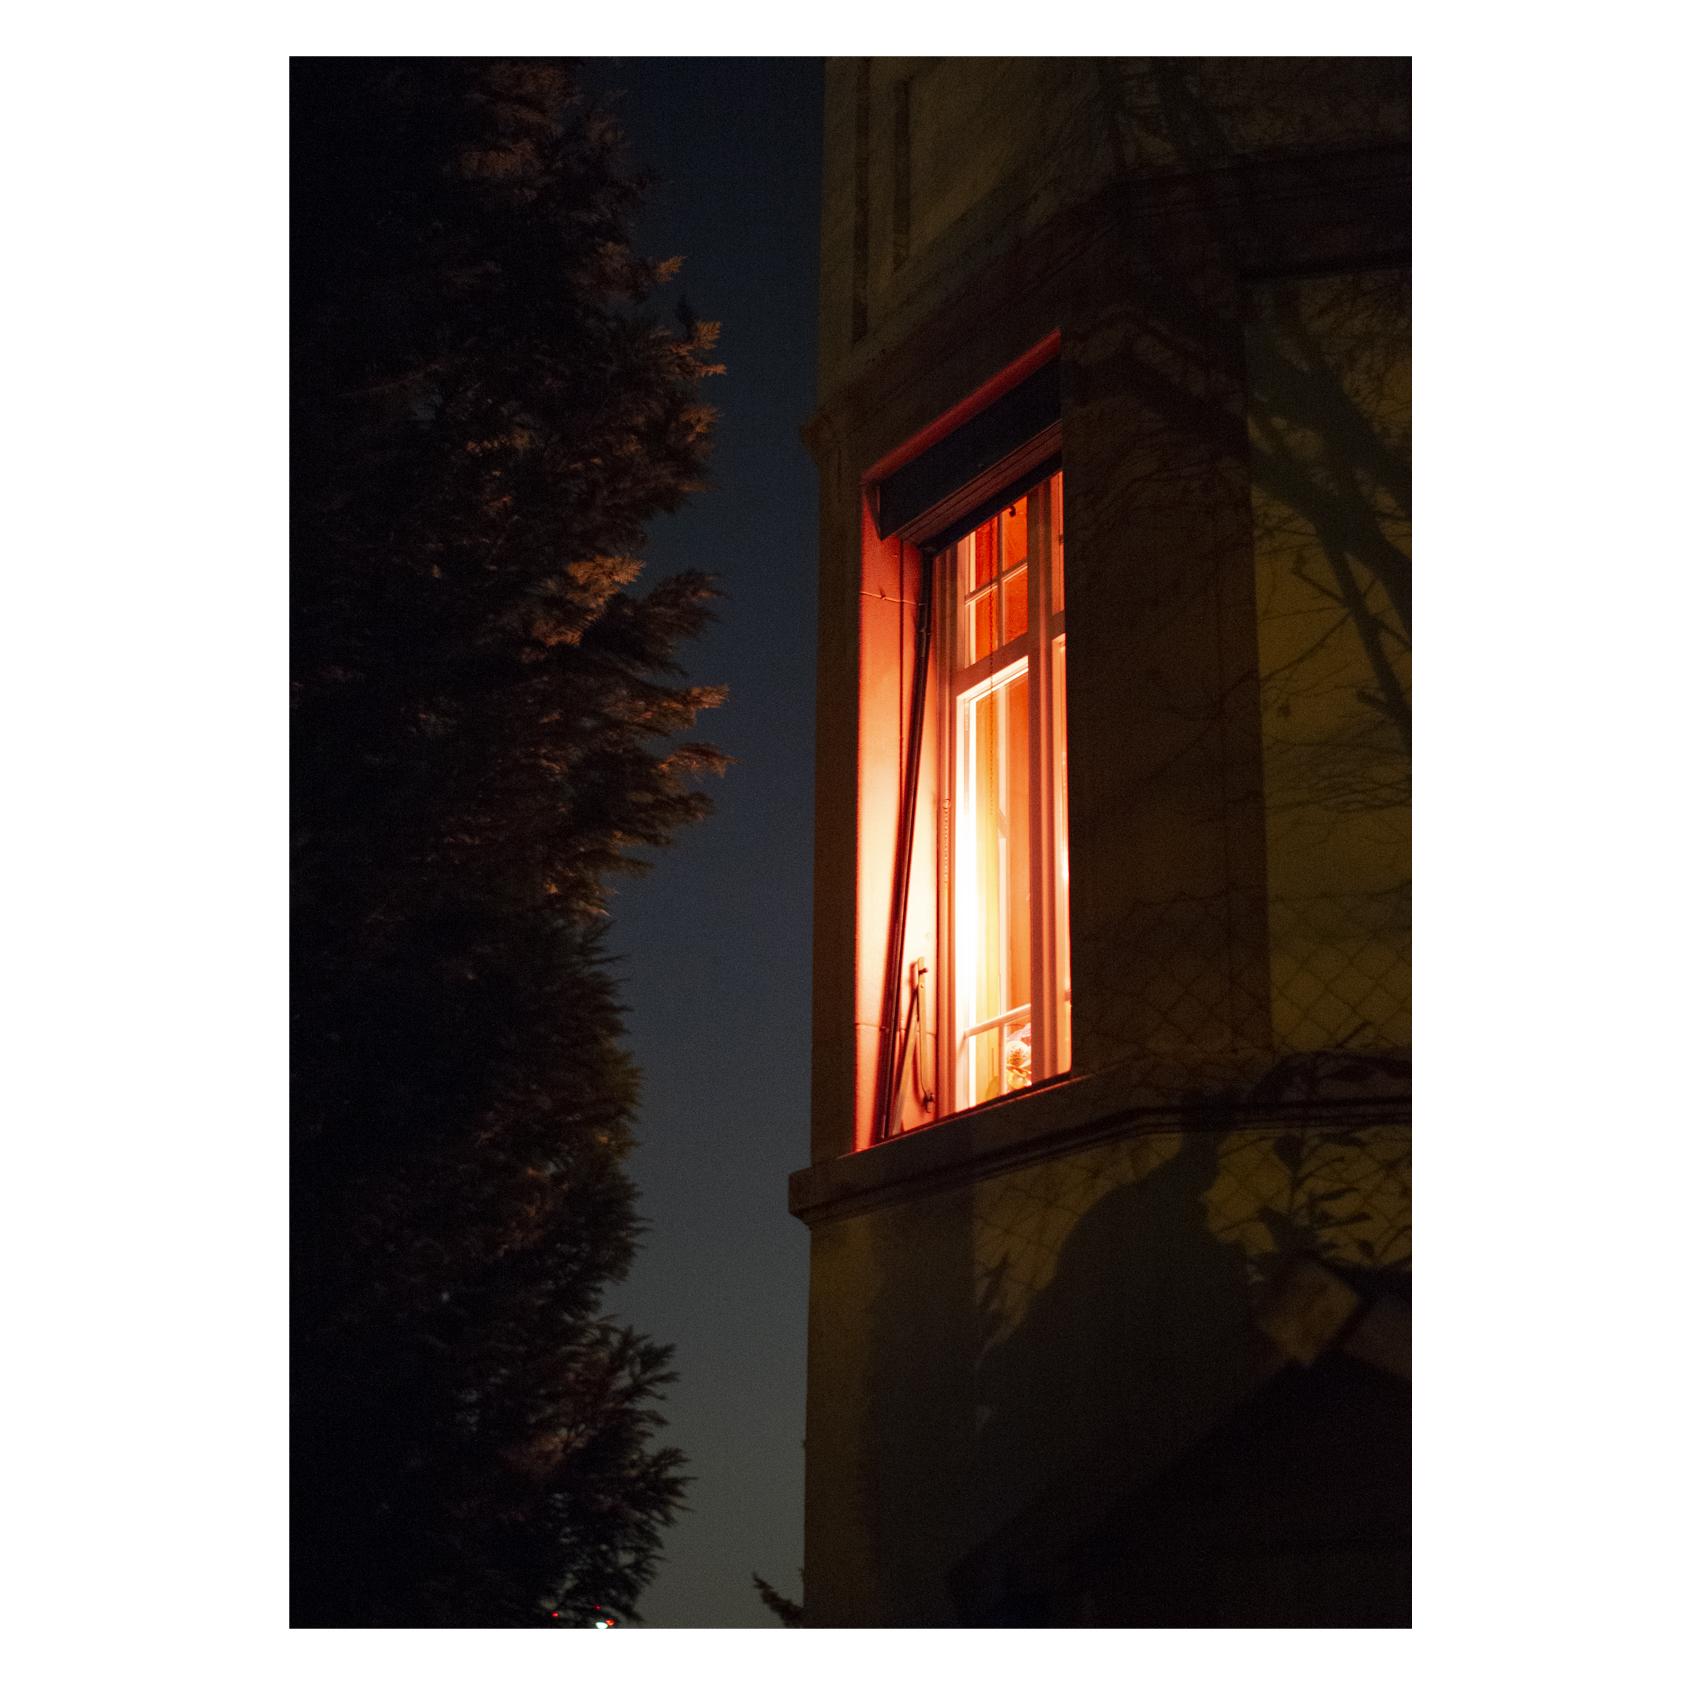 Eine Woche in der die Zeit langsamer verstreicht. Sieben Tage, mehr Nacht als Tag. Altes vergeht, Neues ist noch nicht da. Ein Bild aus einer Serie. Eine Woche, Sieben Fotografien.